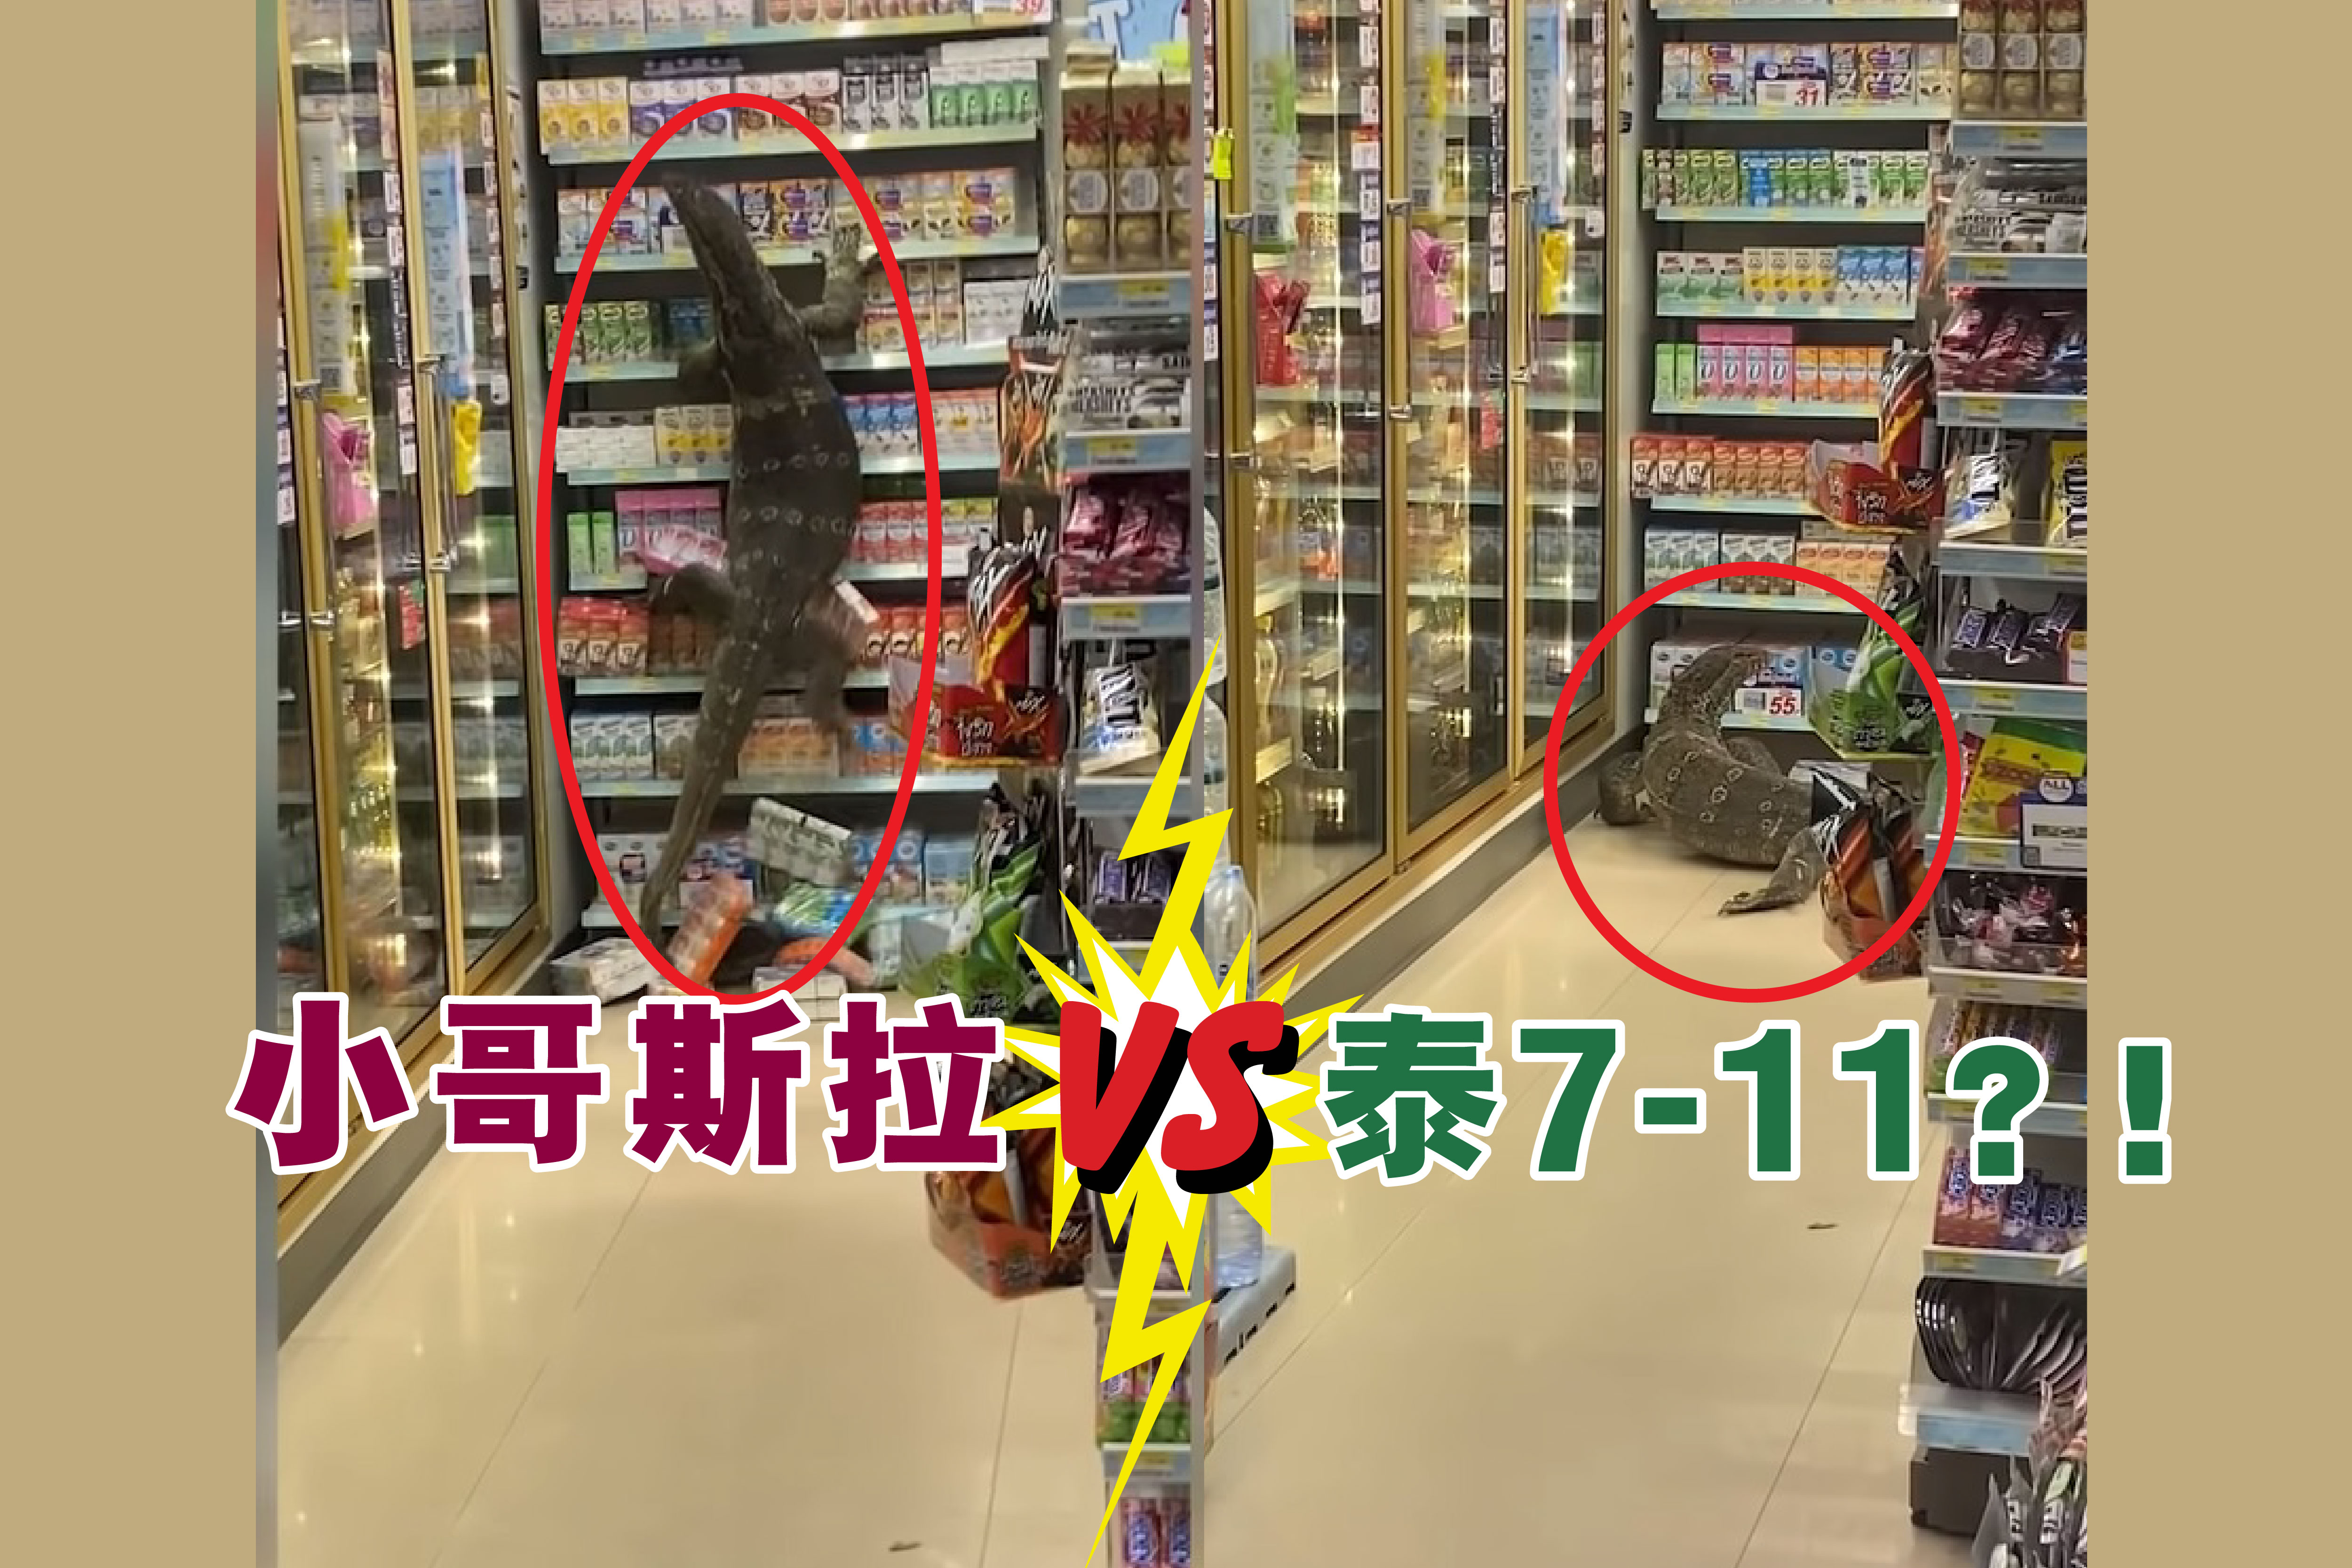 """这只巨蜥先冲去冷藏柜,发现无法""""开门""""觅食后,就直接转头爬上旁边的货架。-视频截屏/精彩大马制图-"""